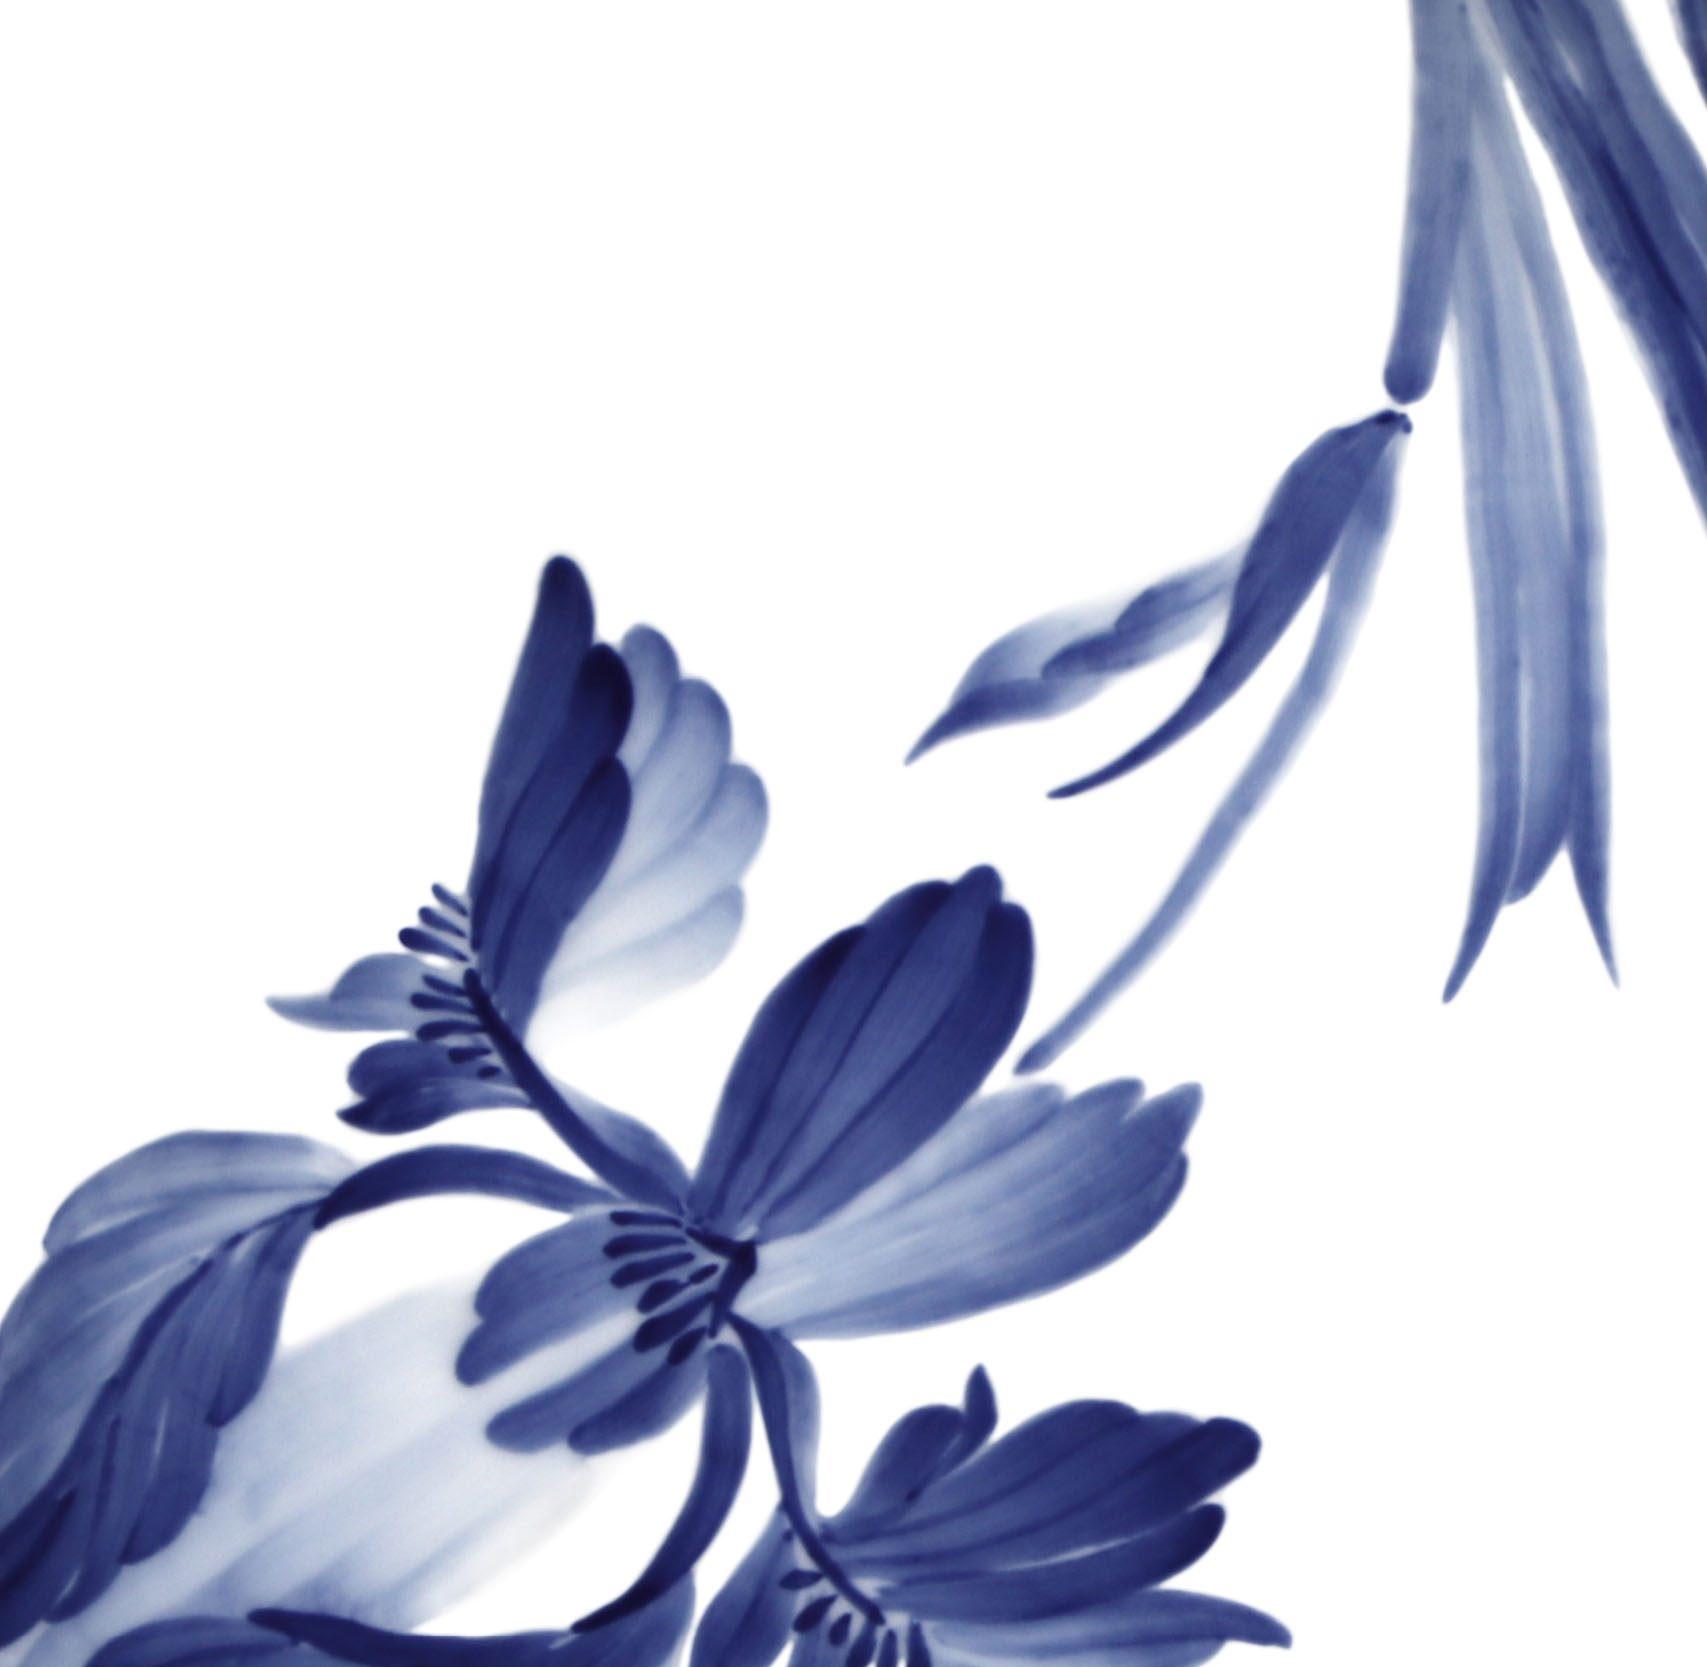 blomst_web_billeder_thepainting